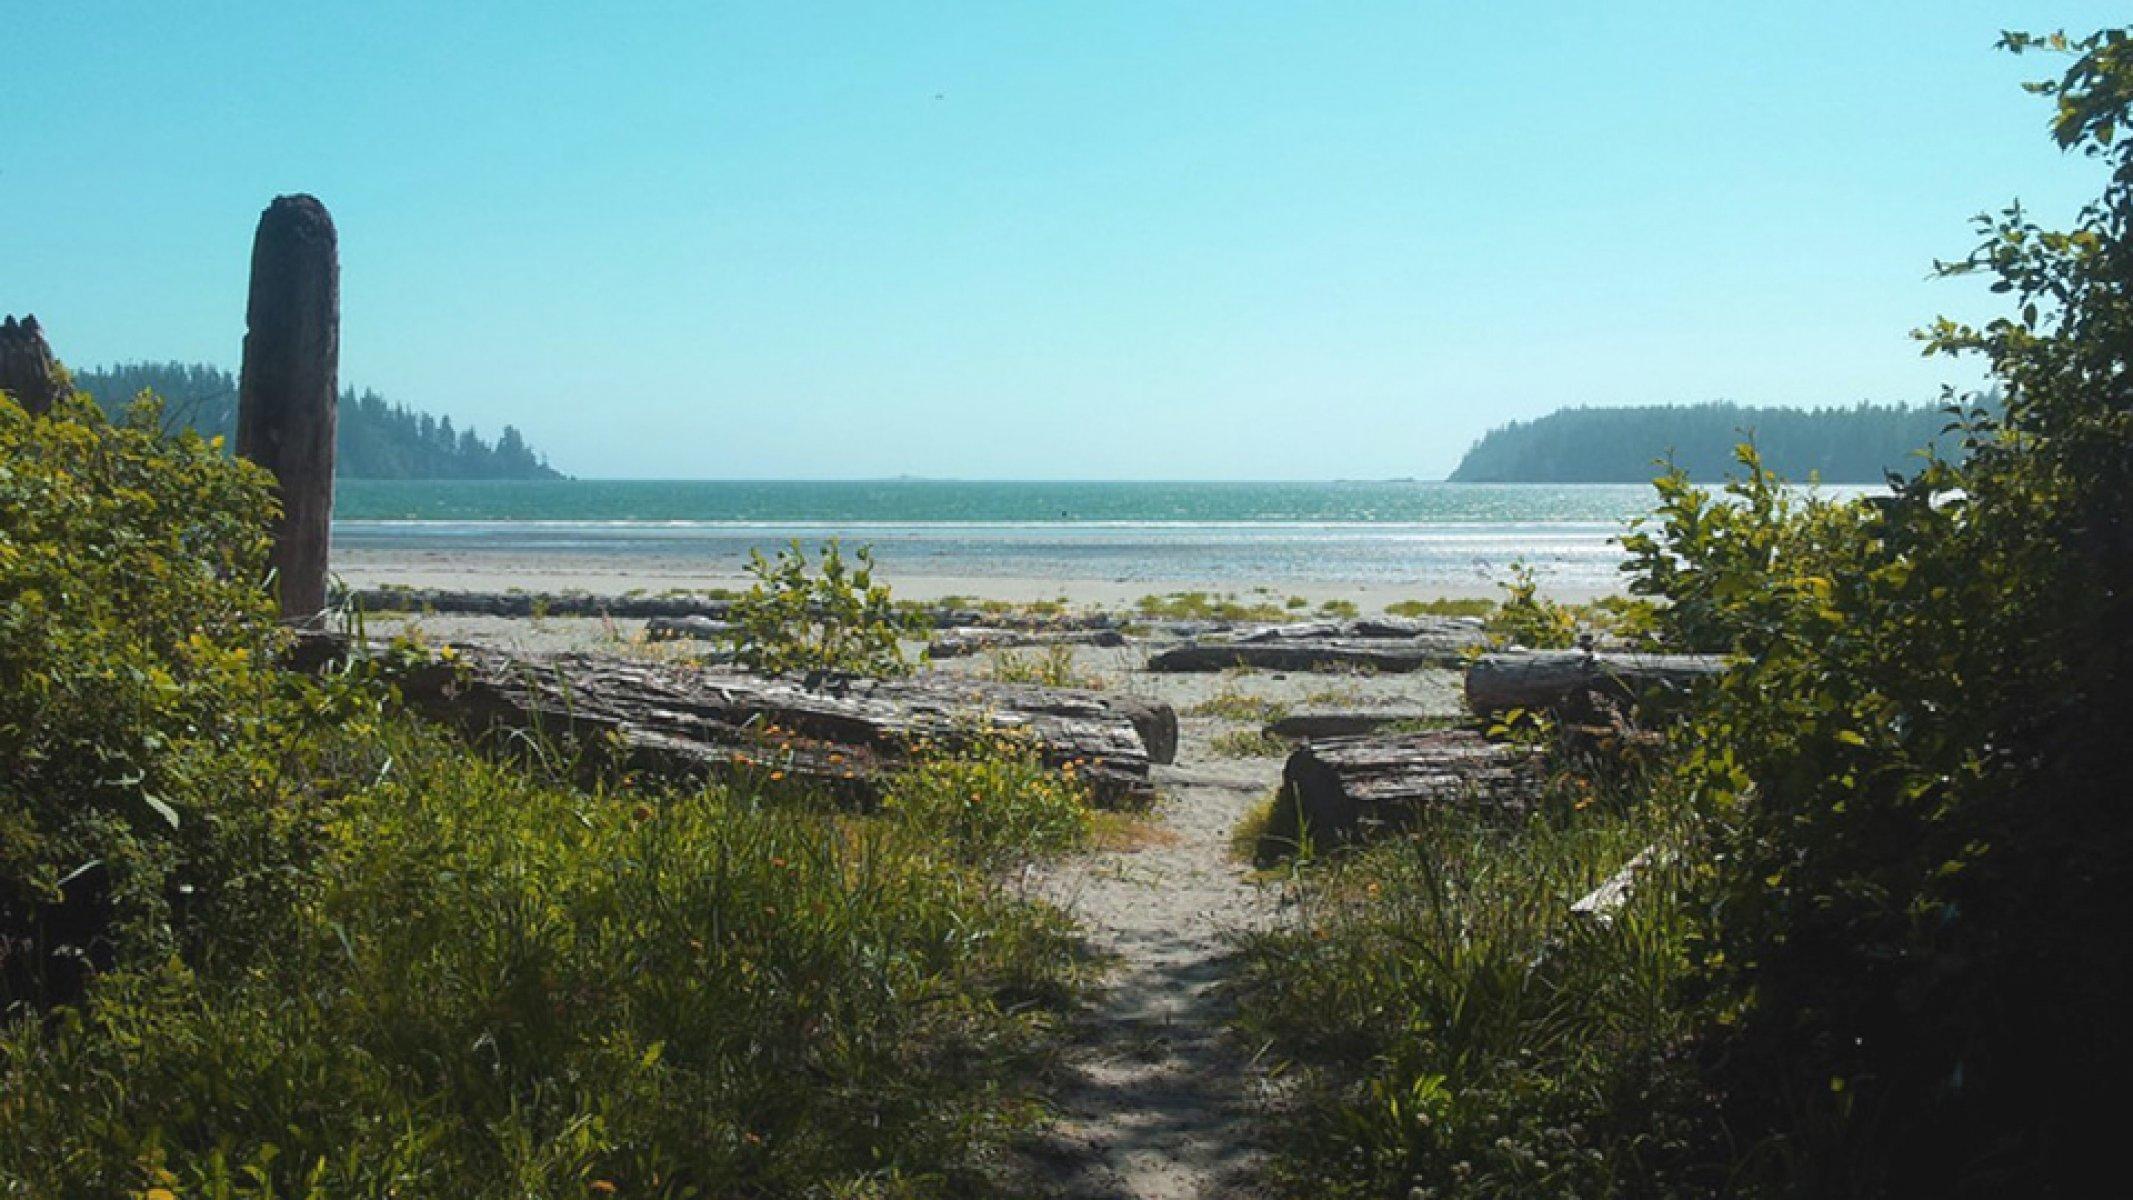 Beach view of Pachena Bay